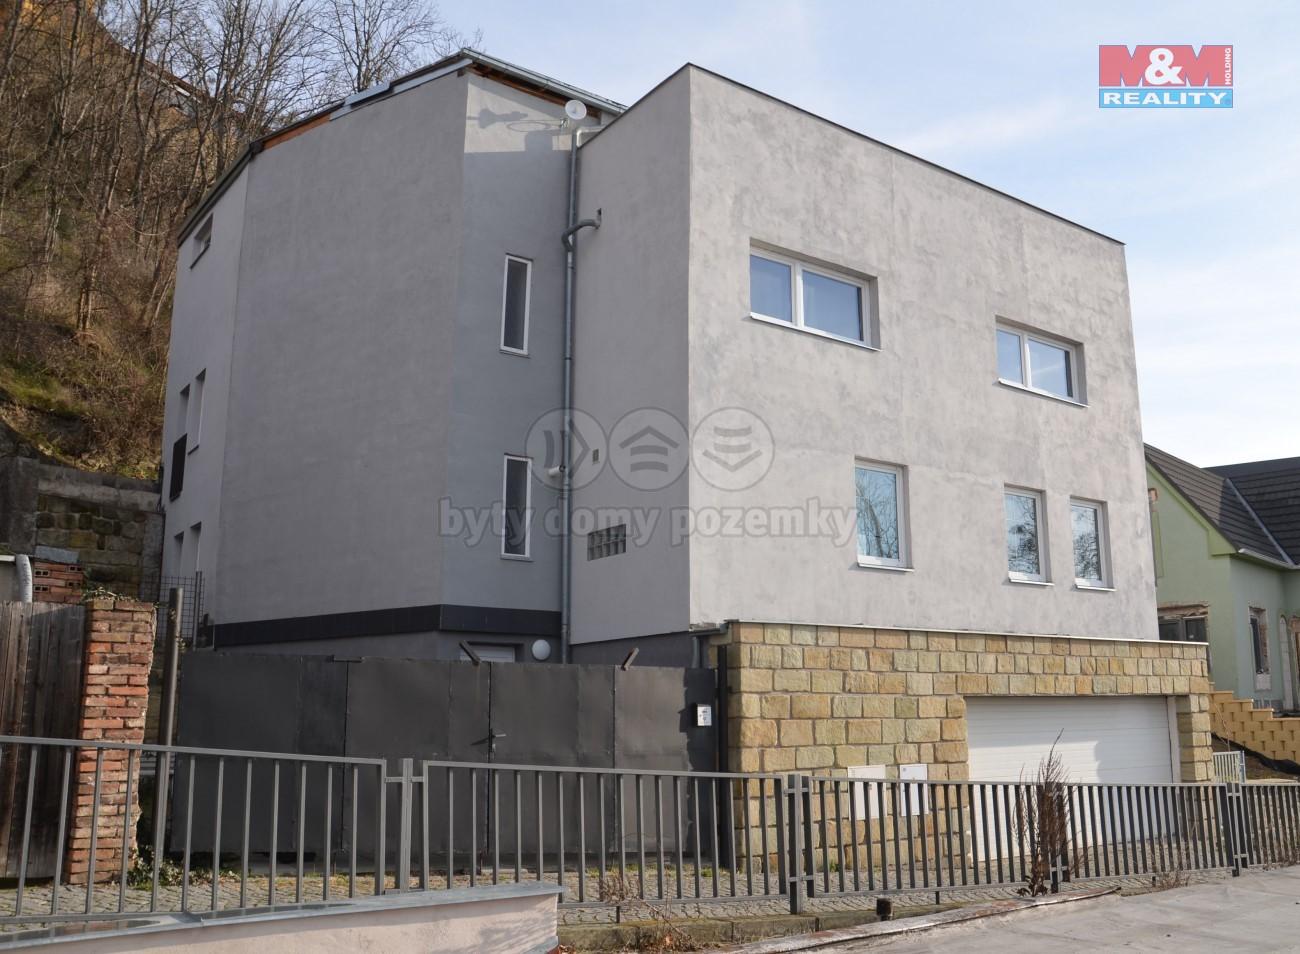 Prodej, rodinný dům, Chrudim, ul. Na Kopanici